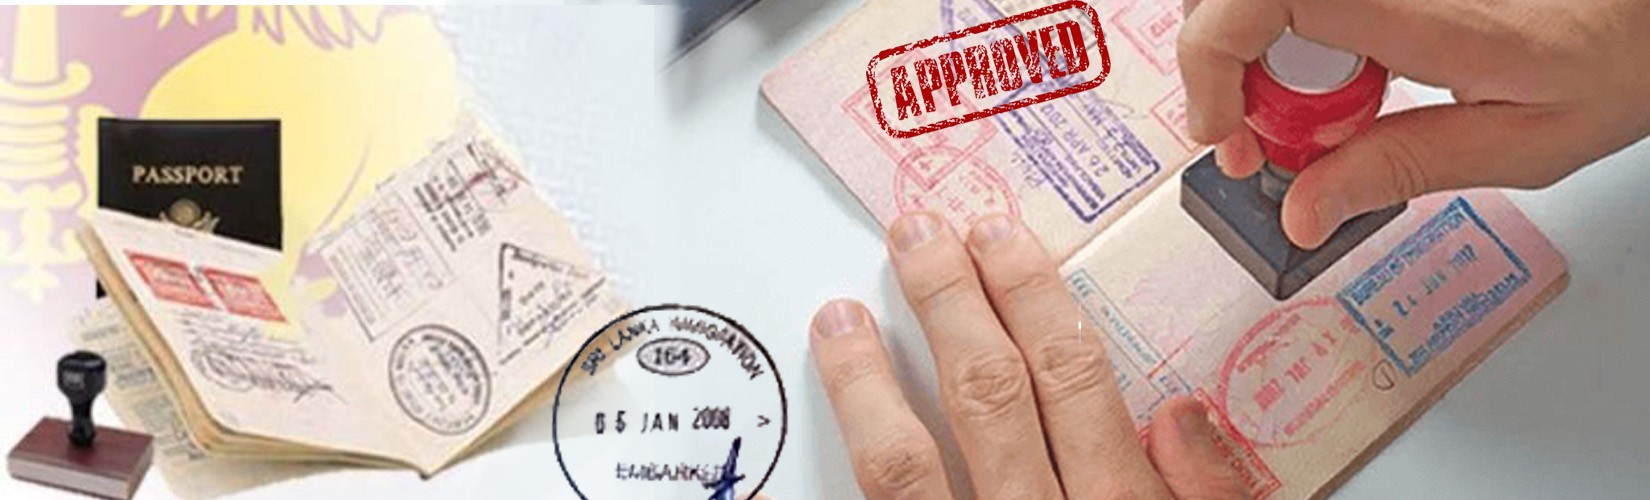 Sri Lanka Travel Info: Complete Sri Lanka Tourist Visa Information